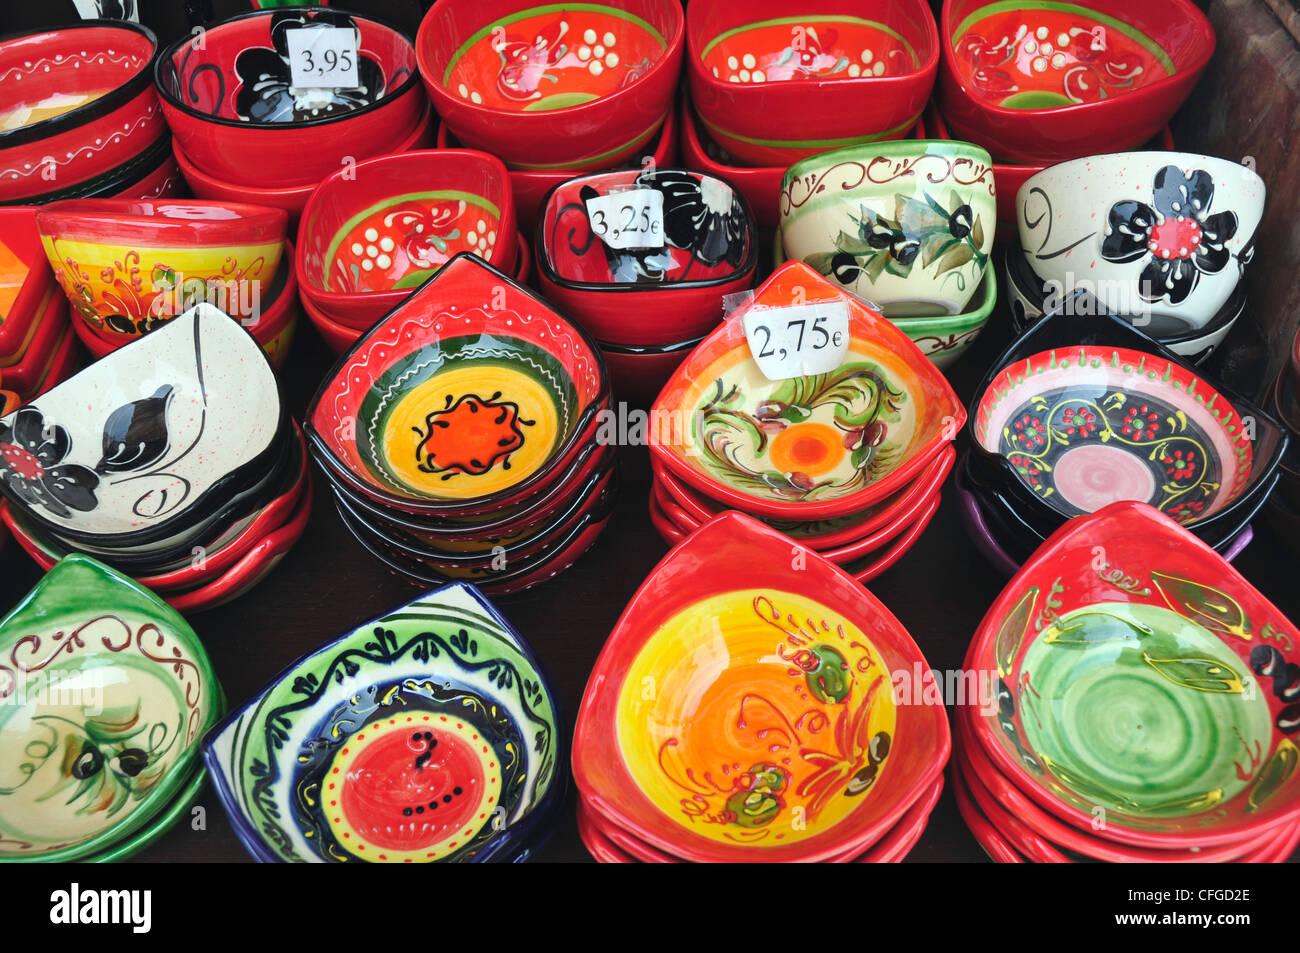 Spain Andalucia - Mijas - display of local ceramics